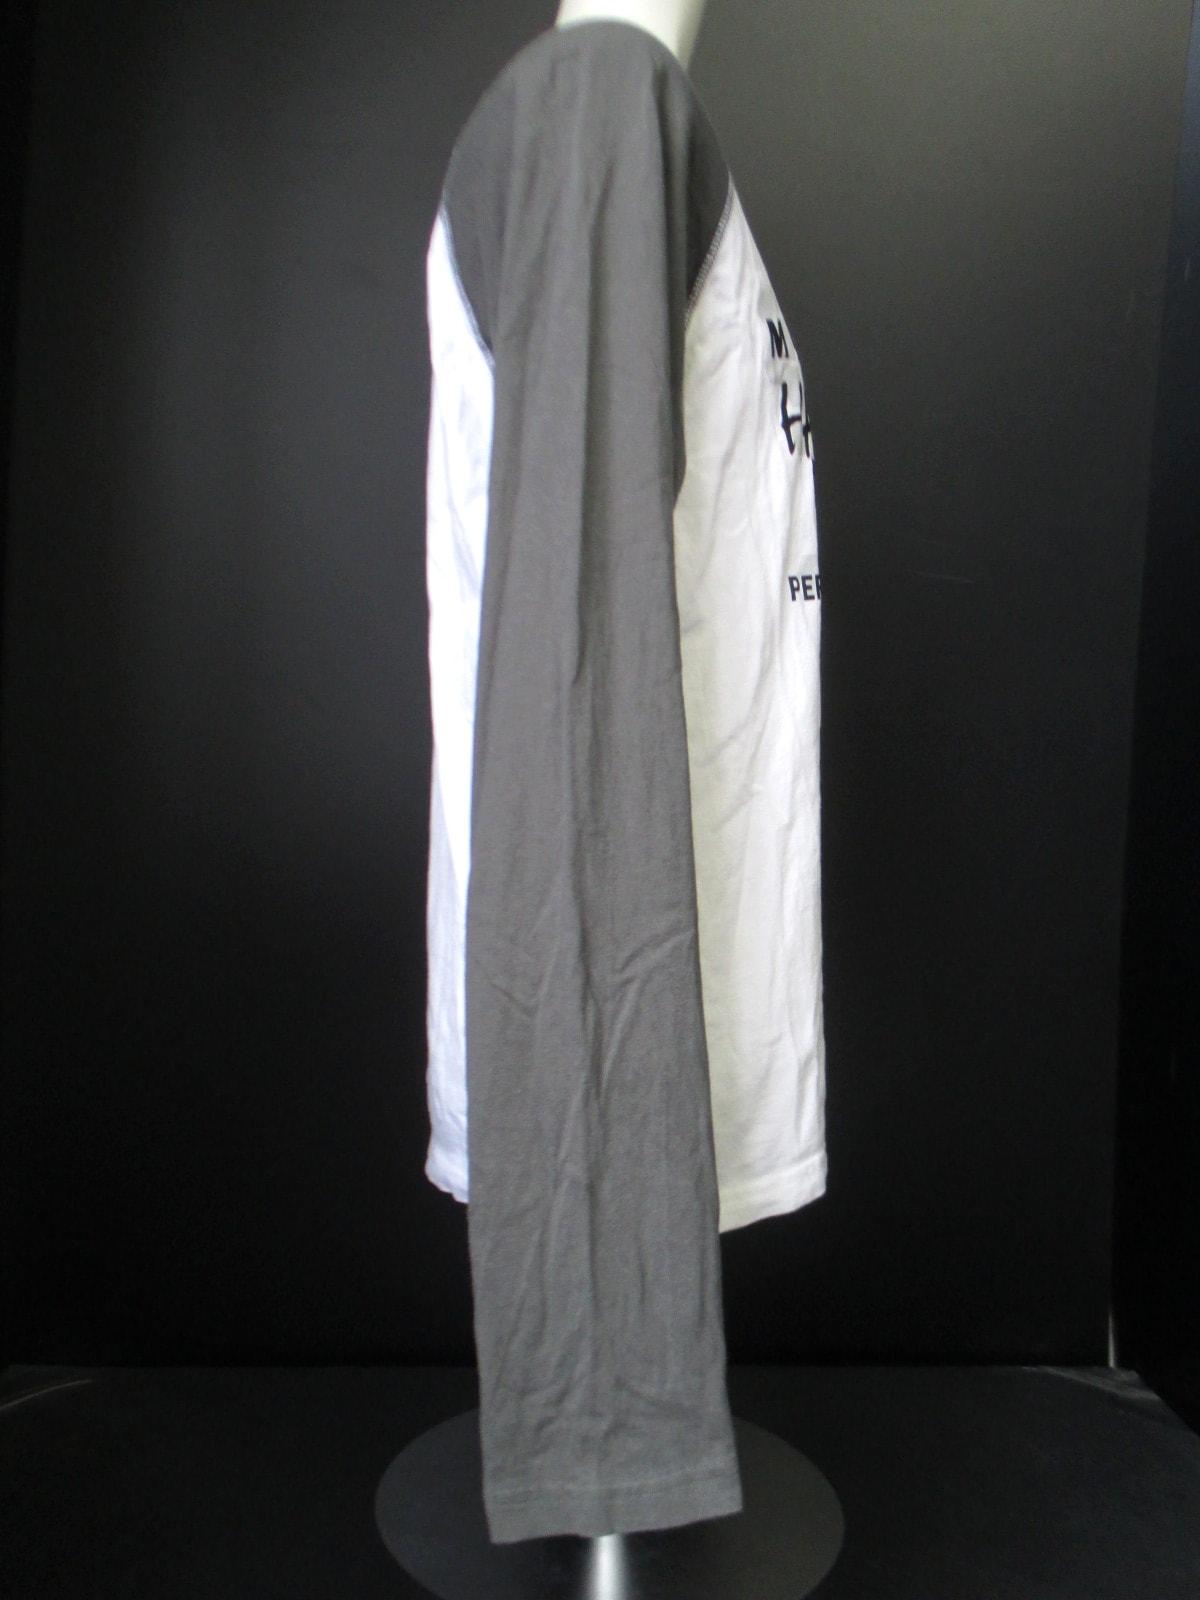 MountainHardwear(マウンテンハードウェア)のTシャツ